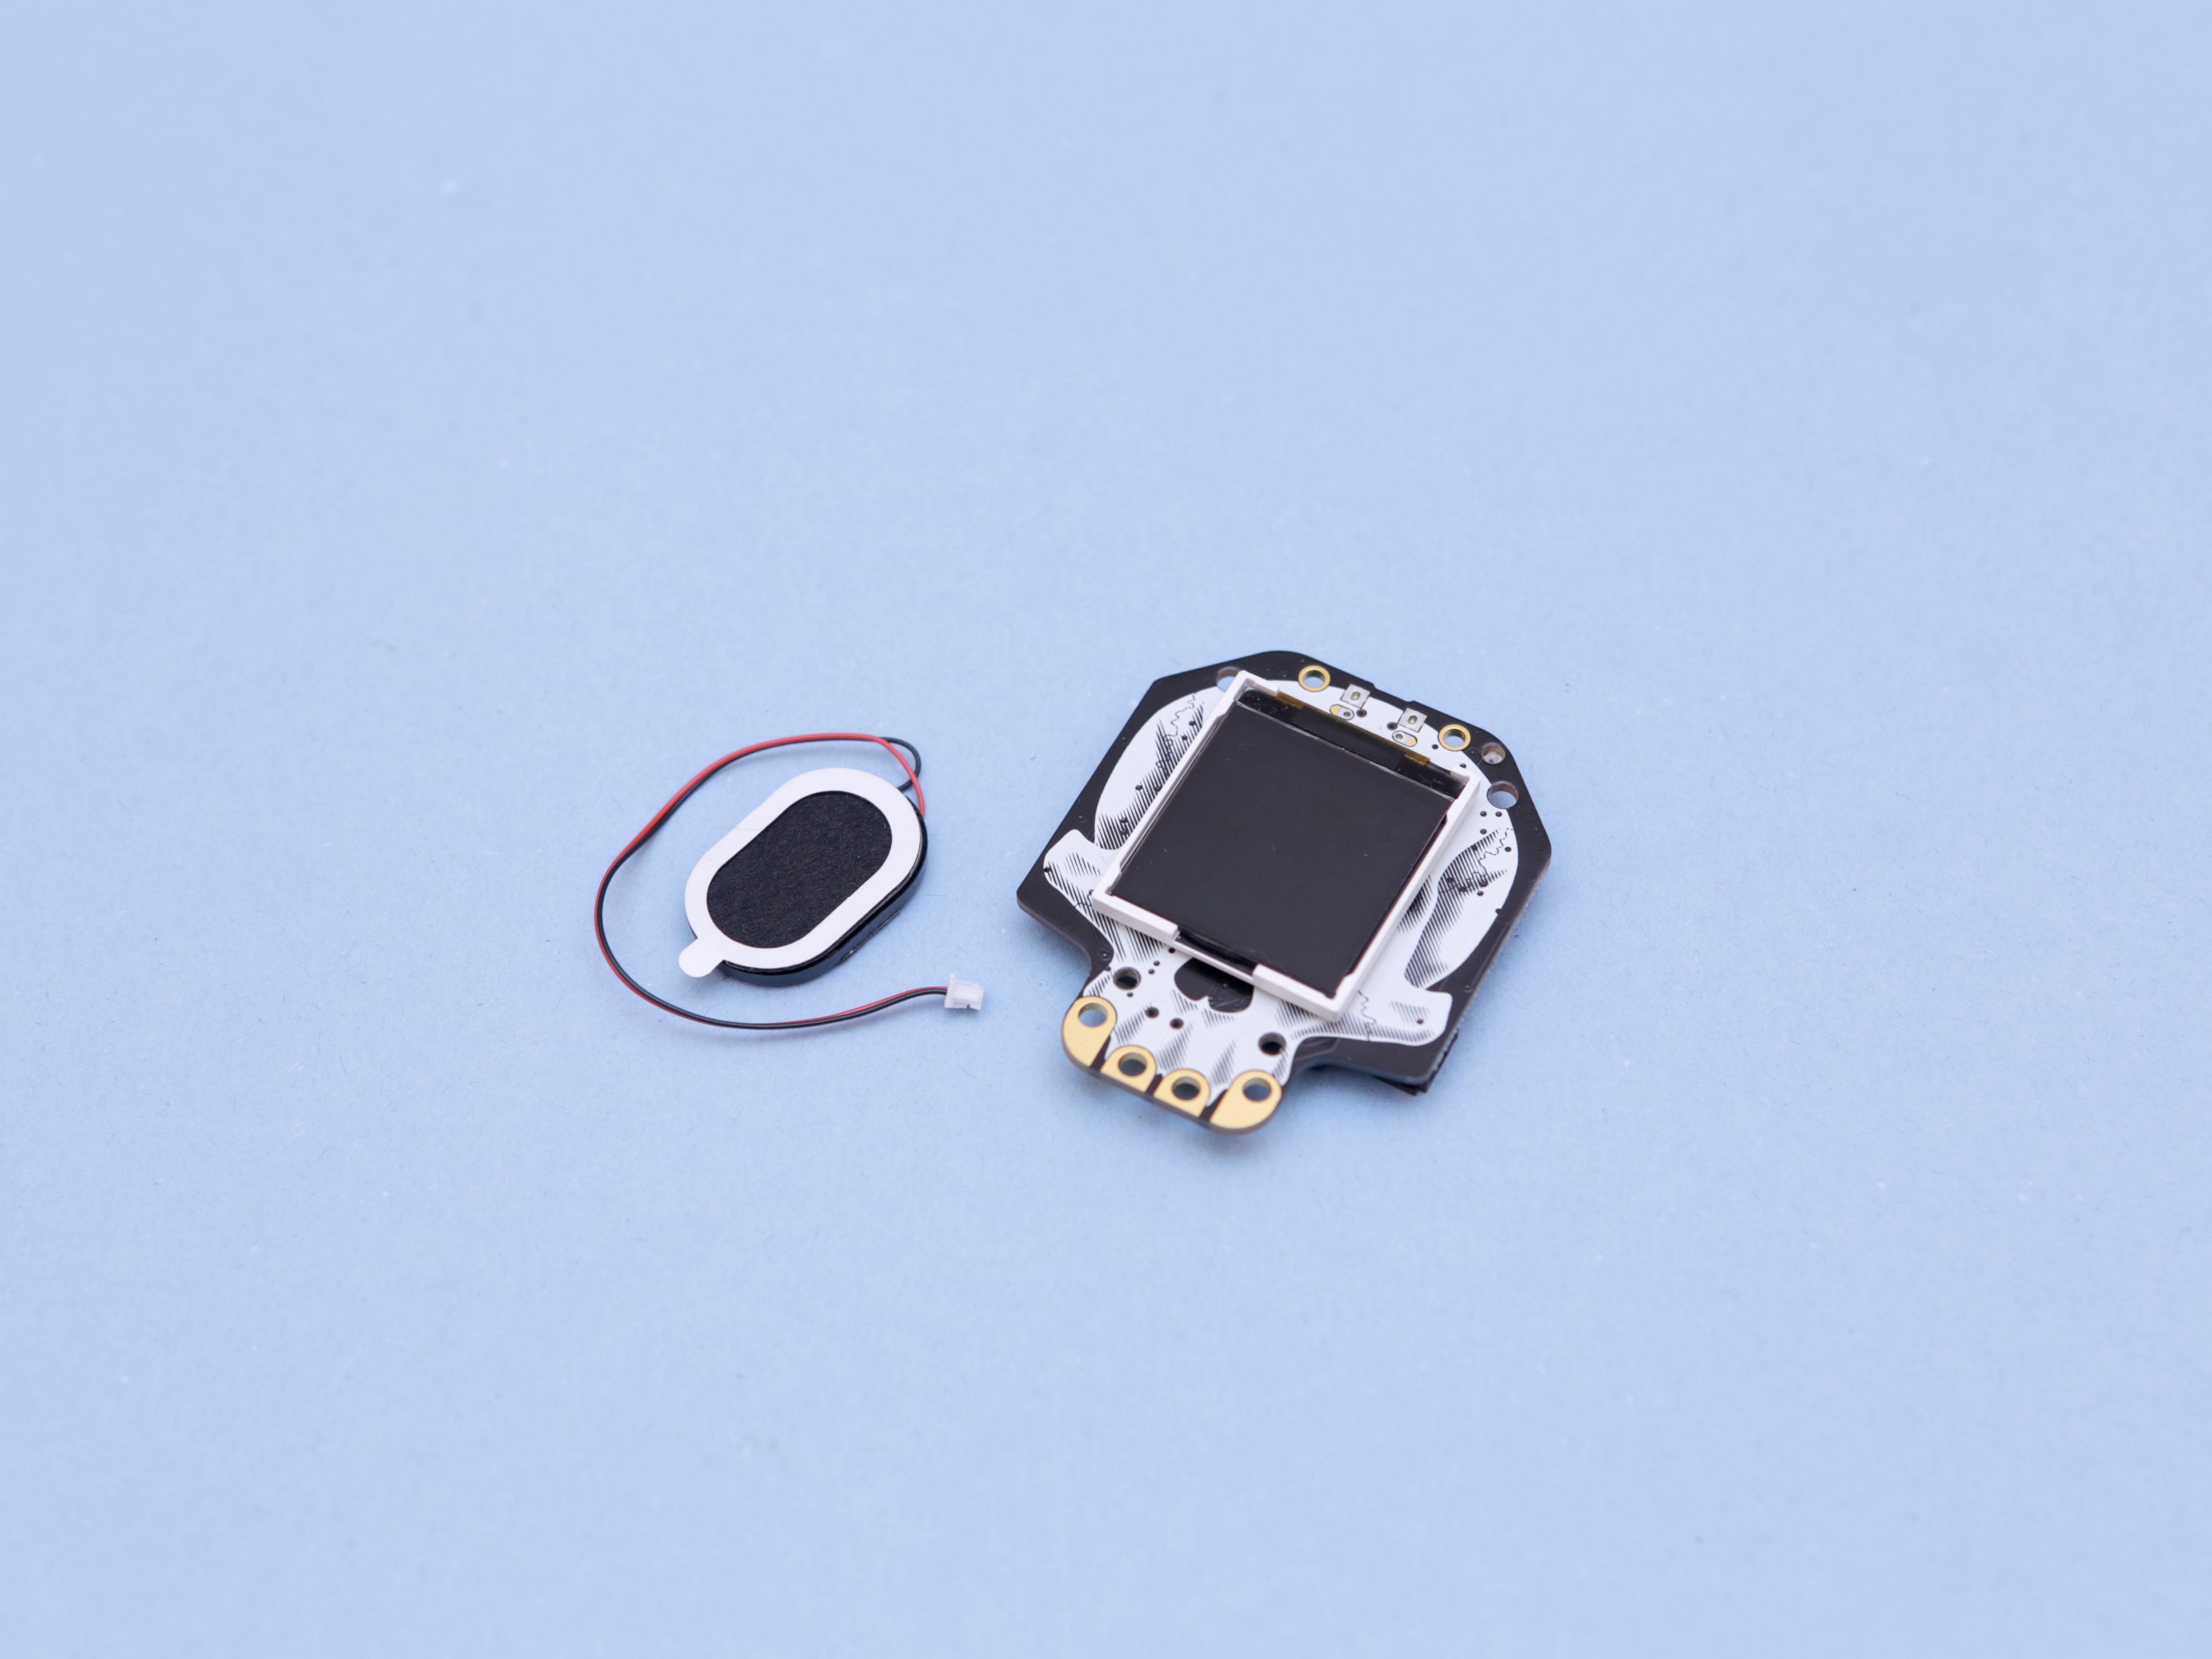 3d_printing_hero-parts.jpg